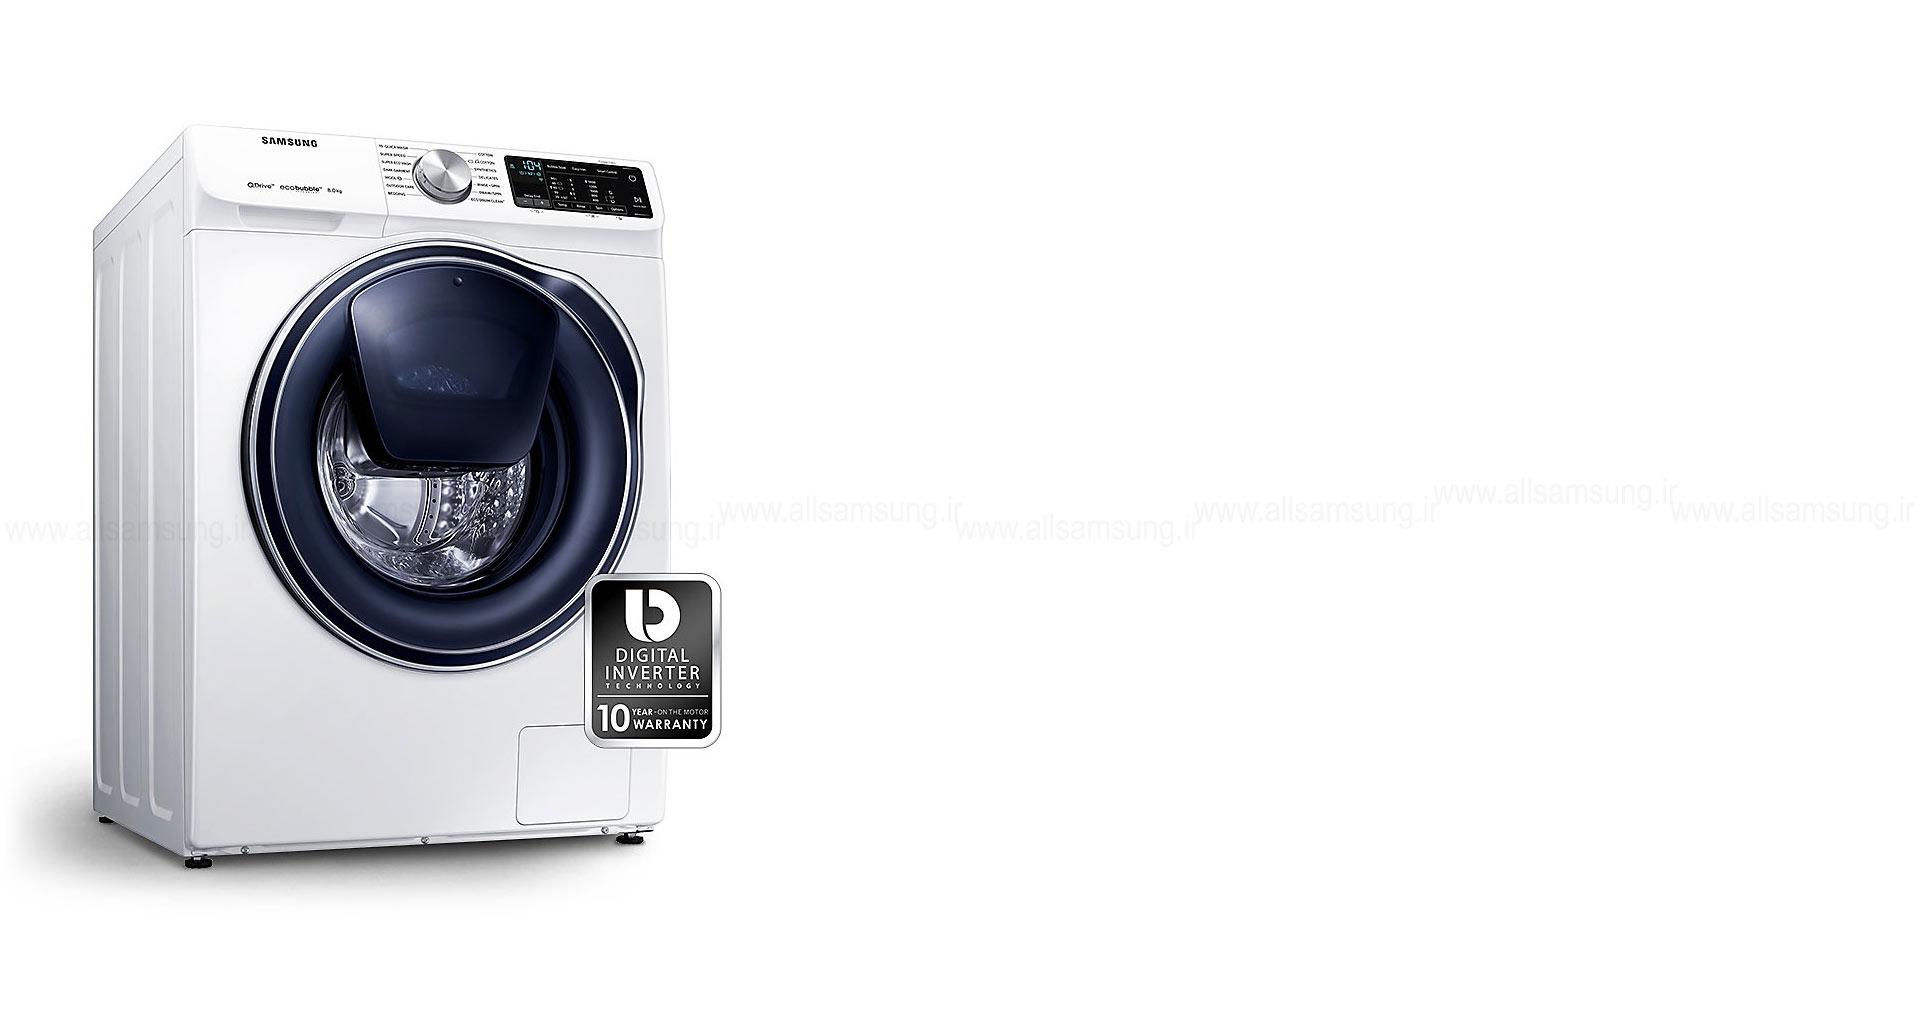 ماشین لباسشویی سامسونگ Q152 آرام، با عملکرد طولانی مدت